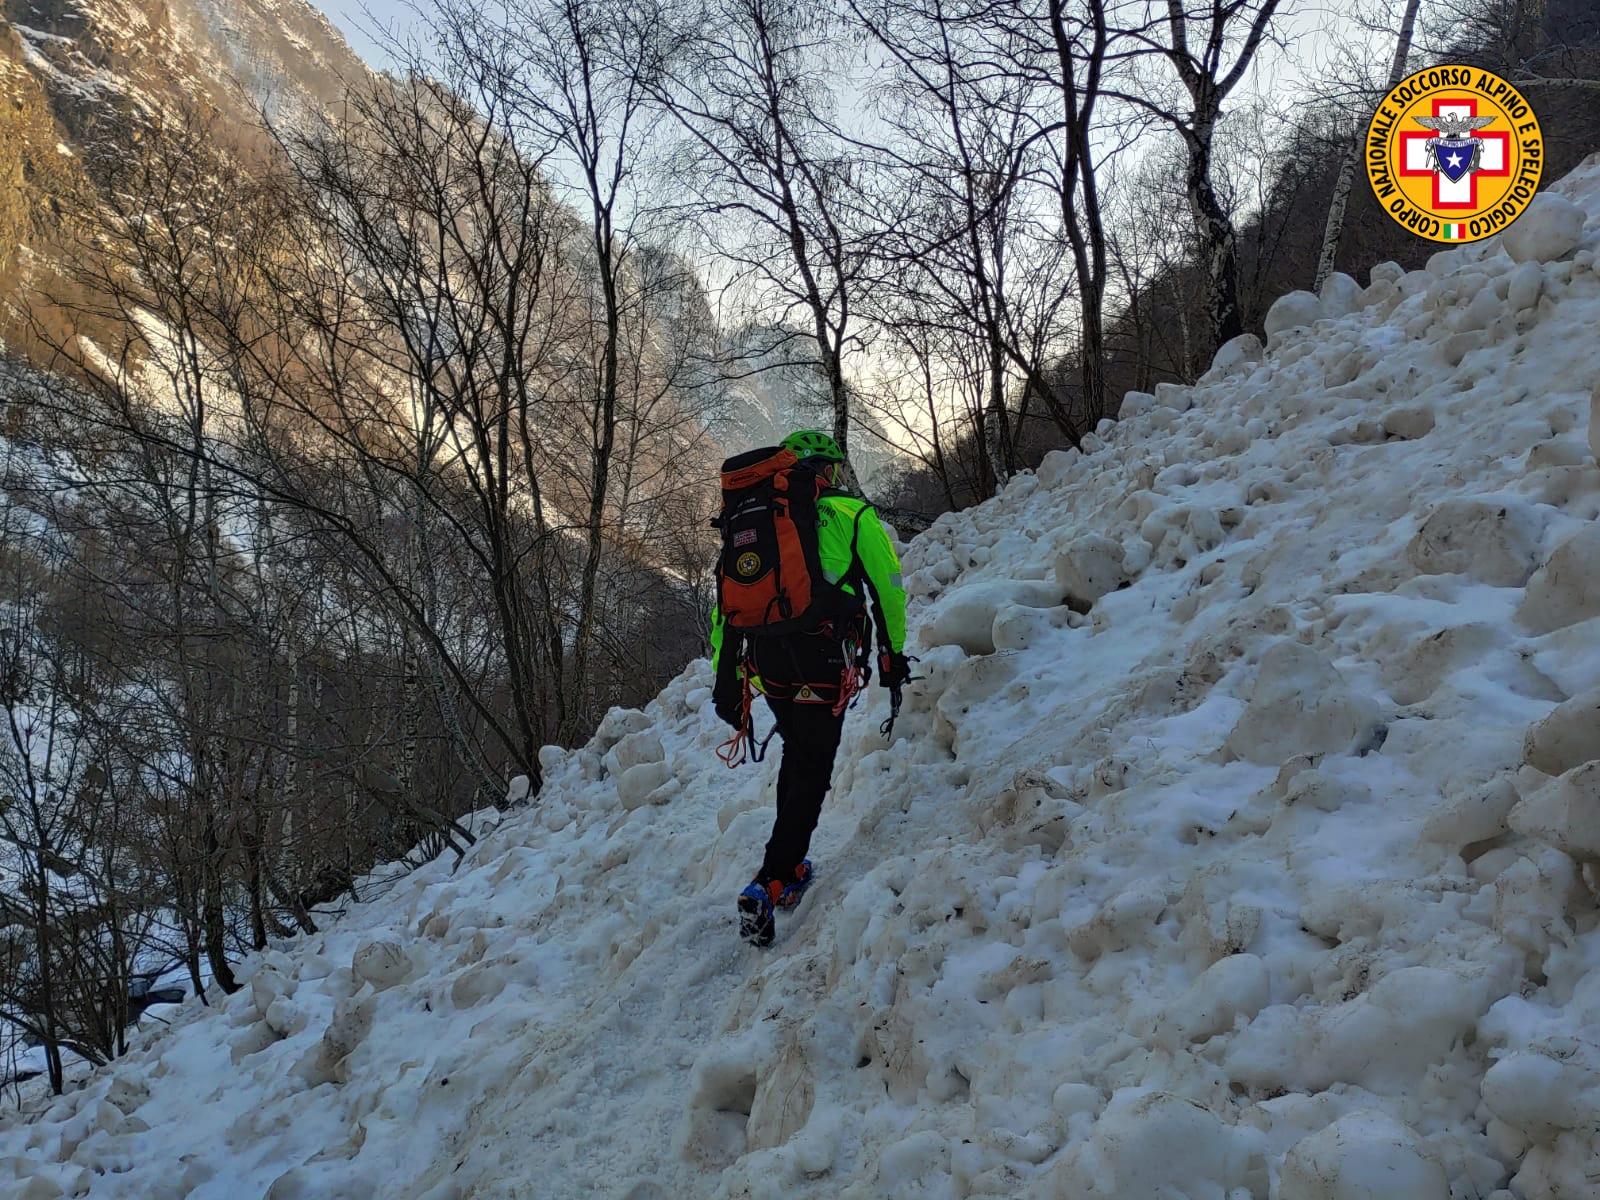 Le operazioni di ricerca dell'escursionista di Carate Brianza disperso in Val Biandino